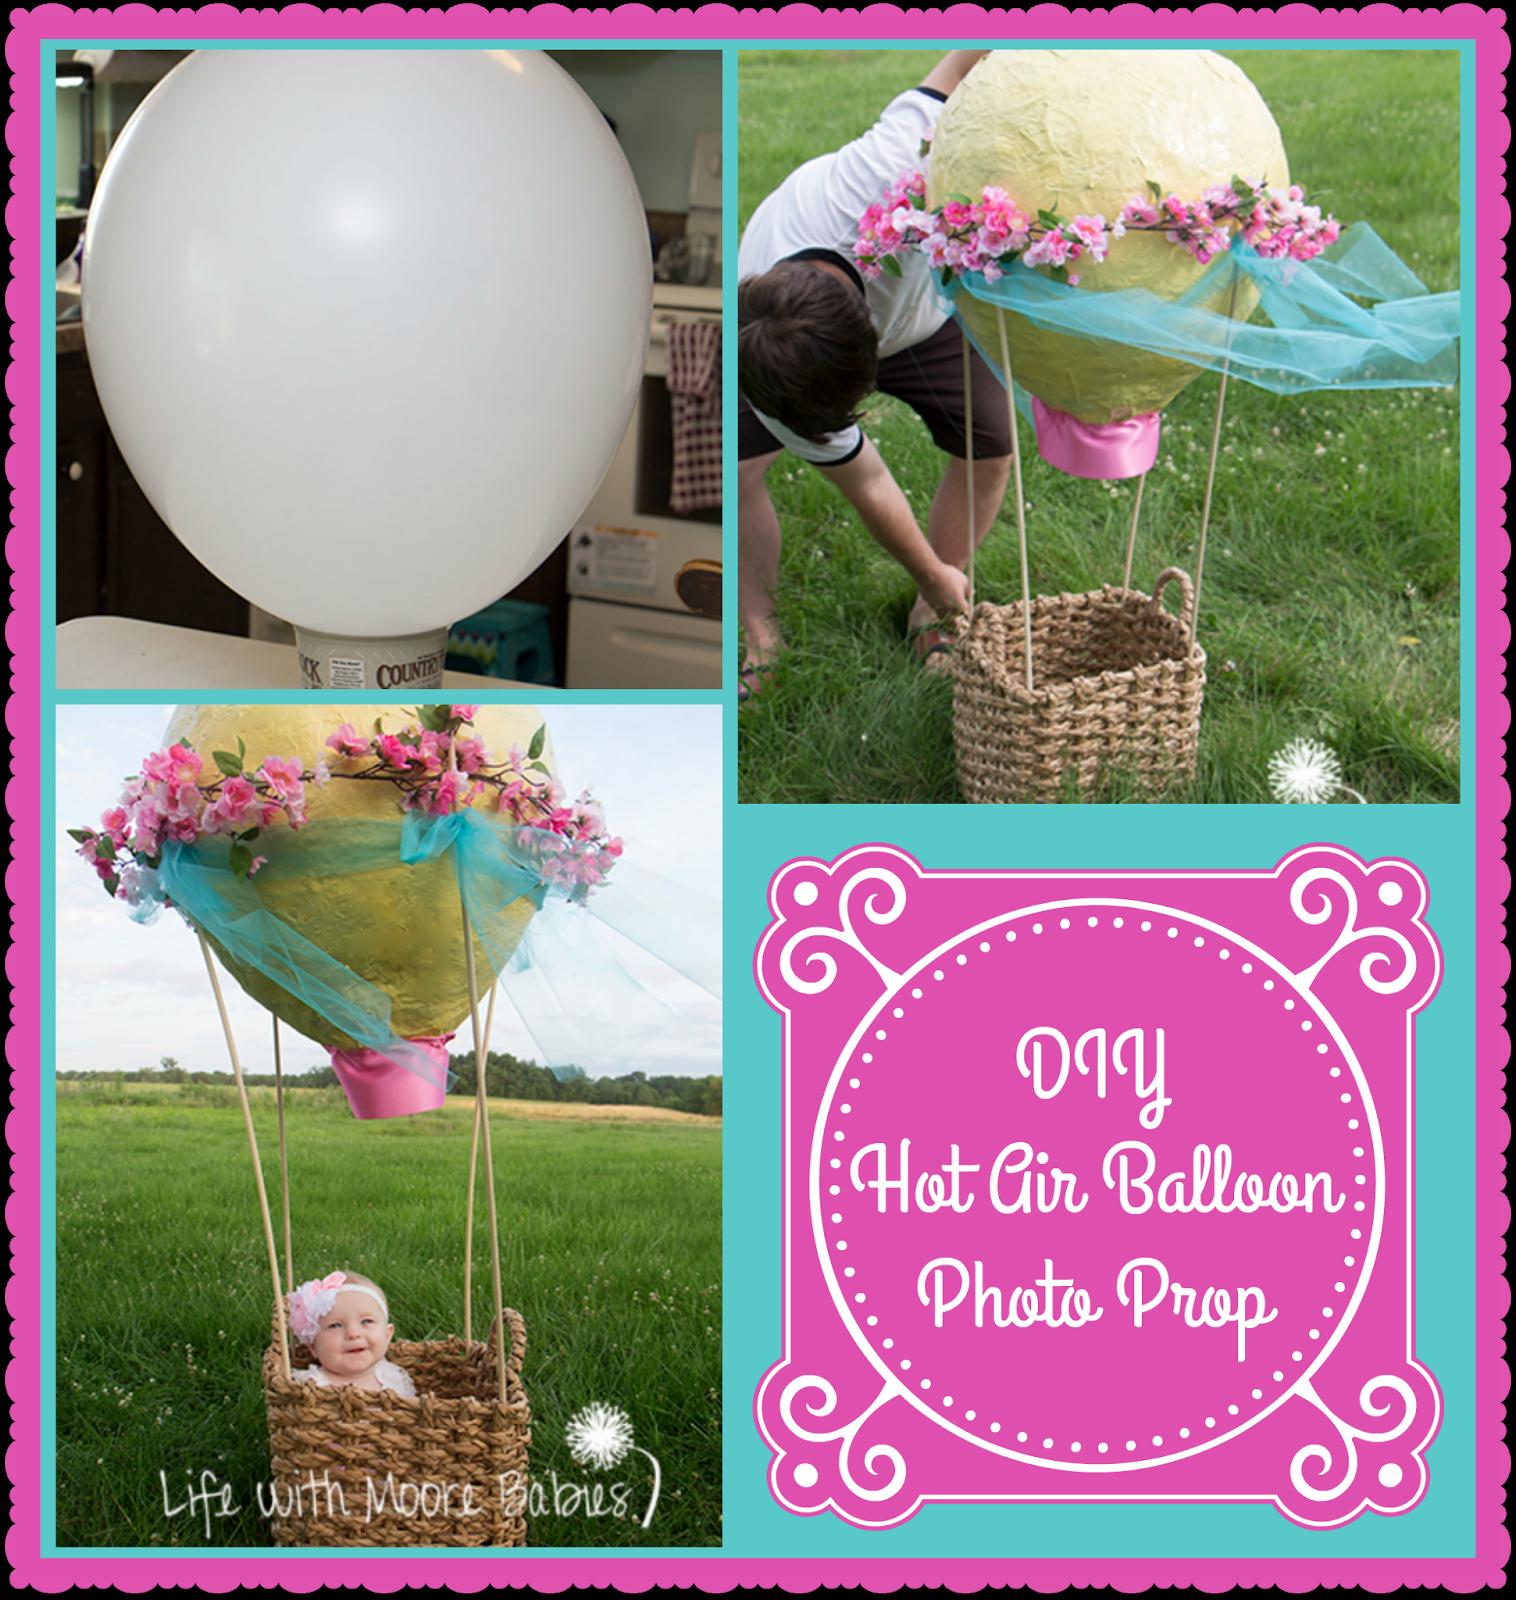 Get Adorable Baby Photos With This DIY Hot Air Balloon